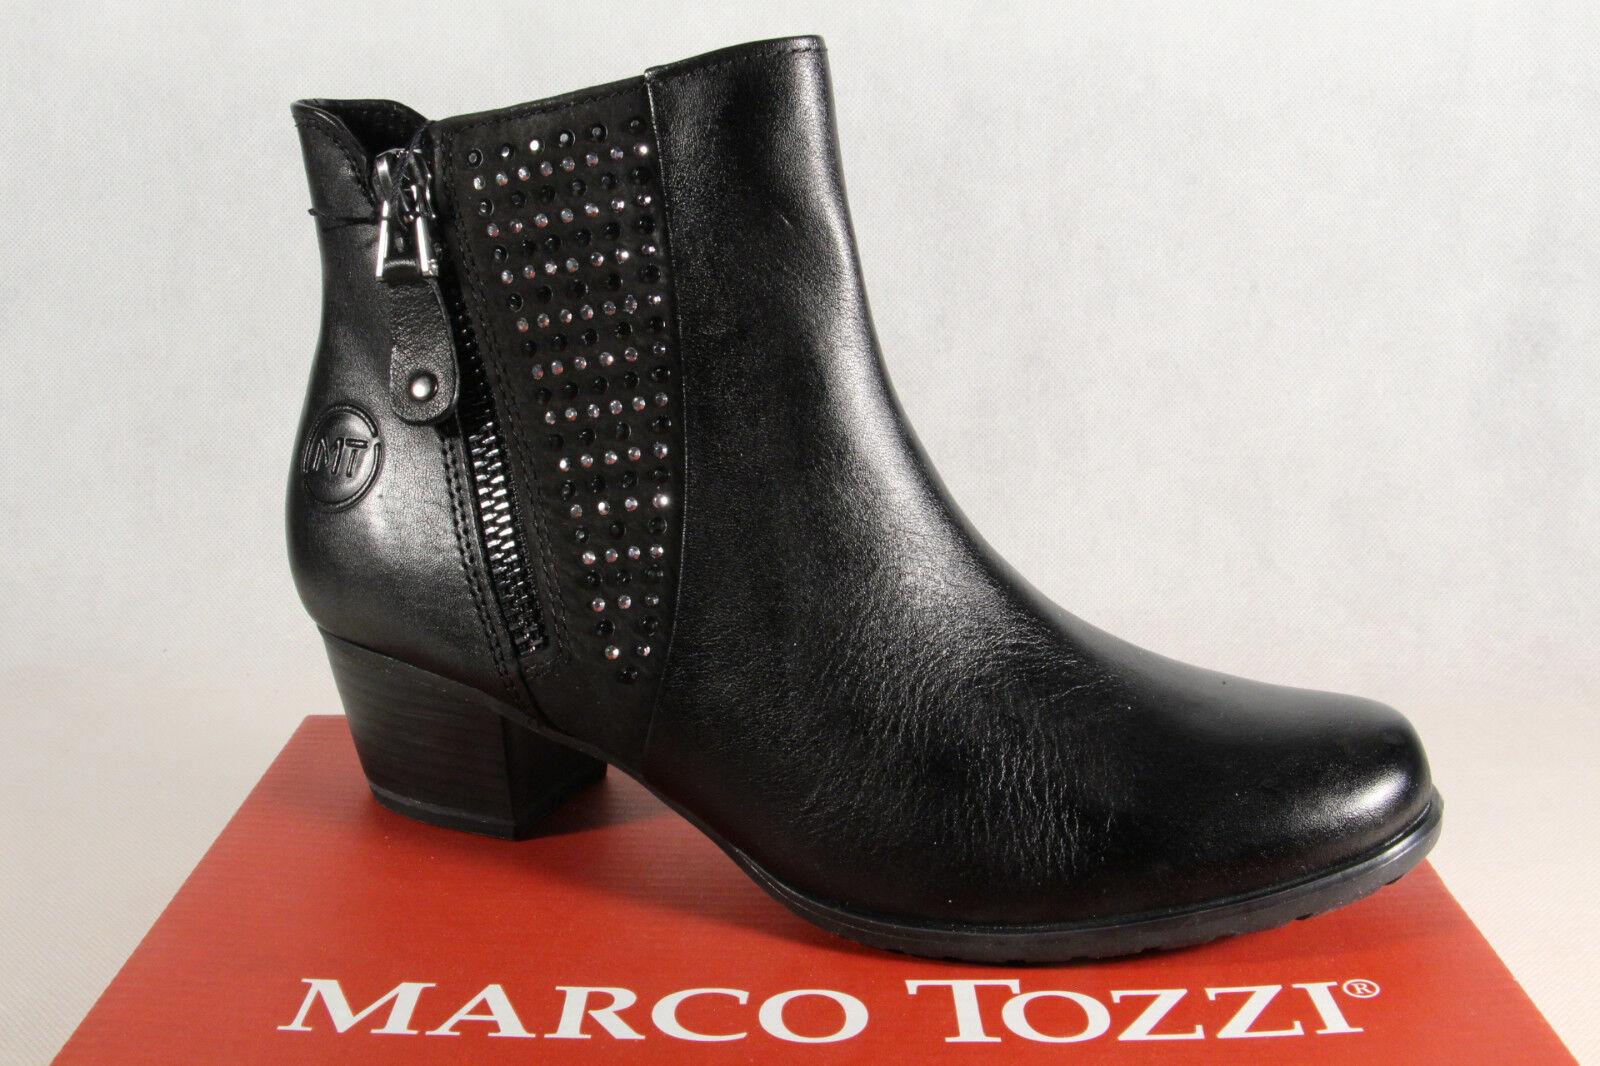 Marco Tozzi Stiefel, Stiefelette, schwarz leicht gefüttert, 25368 Echtleder NEU NEU NEU  2e3bcd